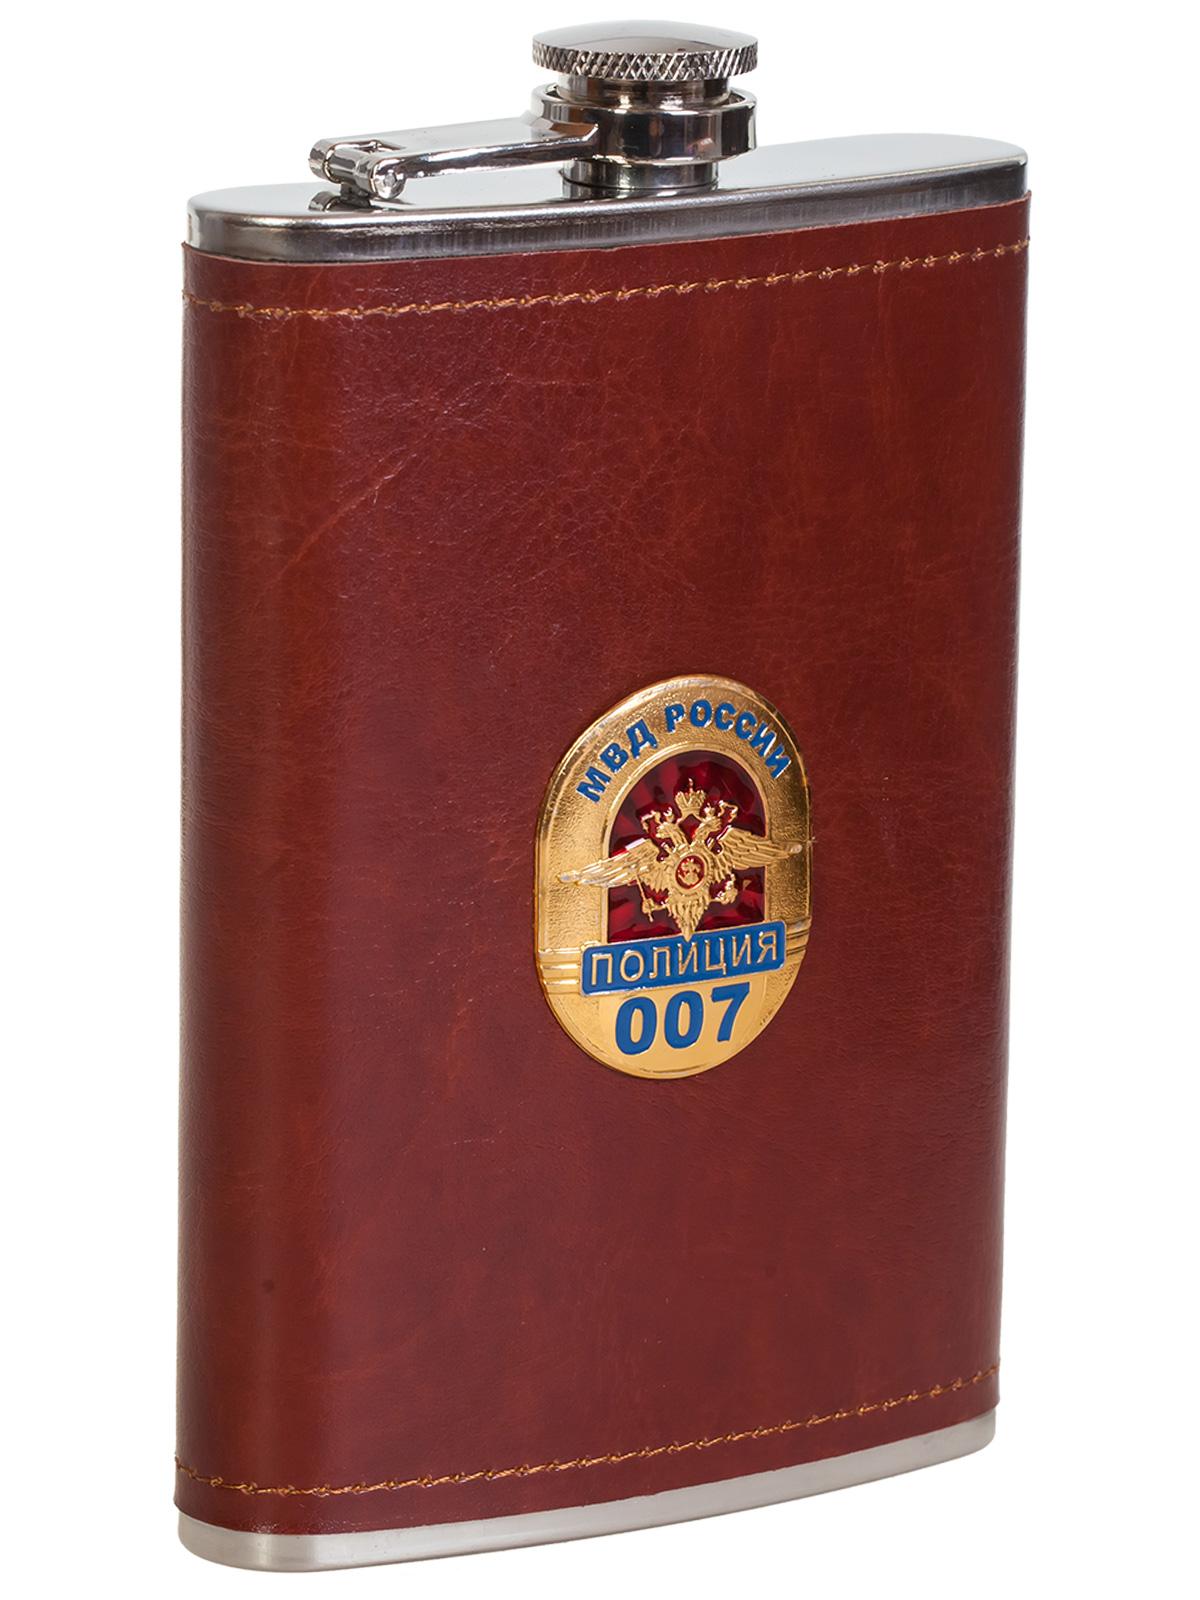 Купить подарочную крутую флягу в кожаном чехле с накладкой МВД России. Полиция онлайн выгодно